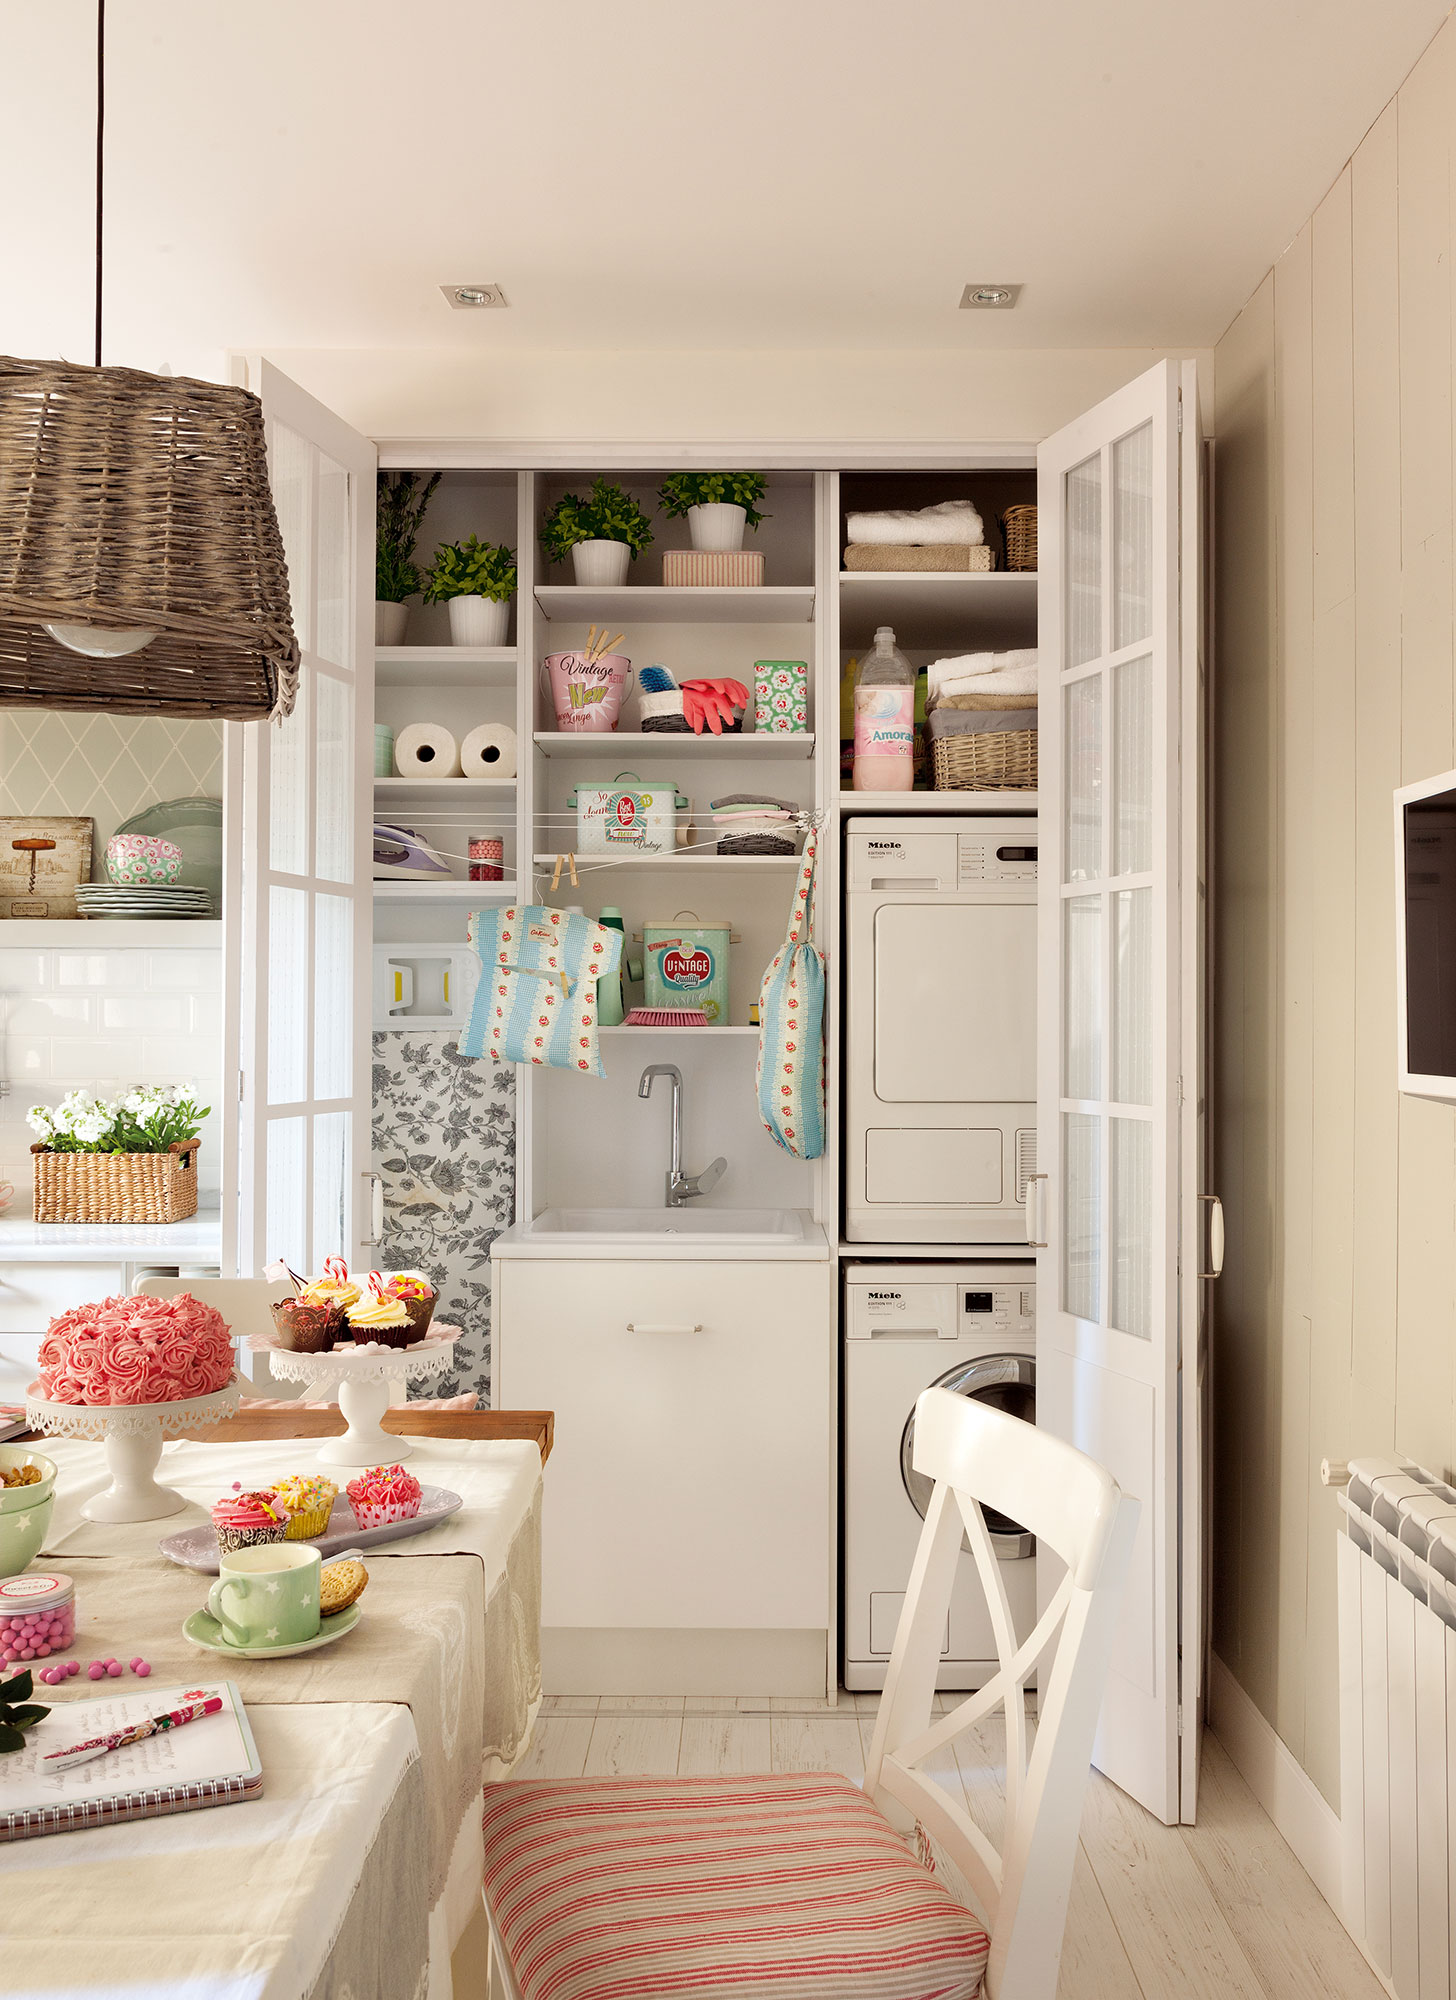 Mueble para lavadora y secadora cuarto de lavado grande for Lavadero de cocina con mueble